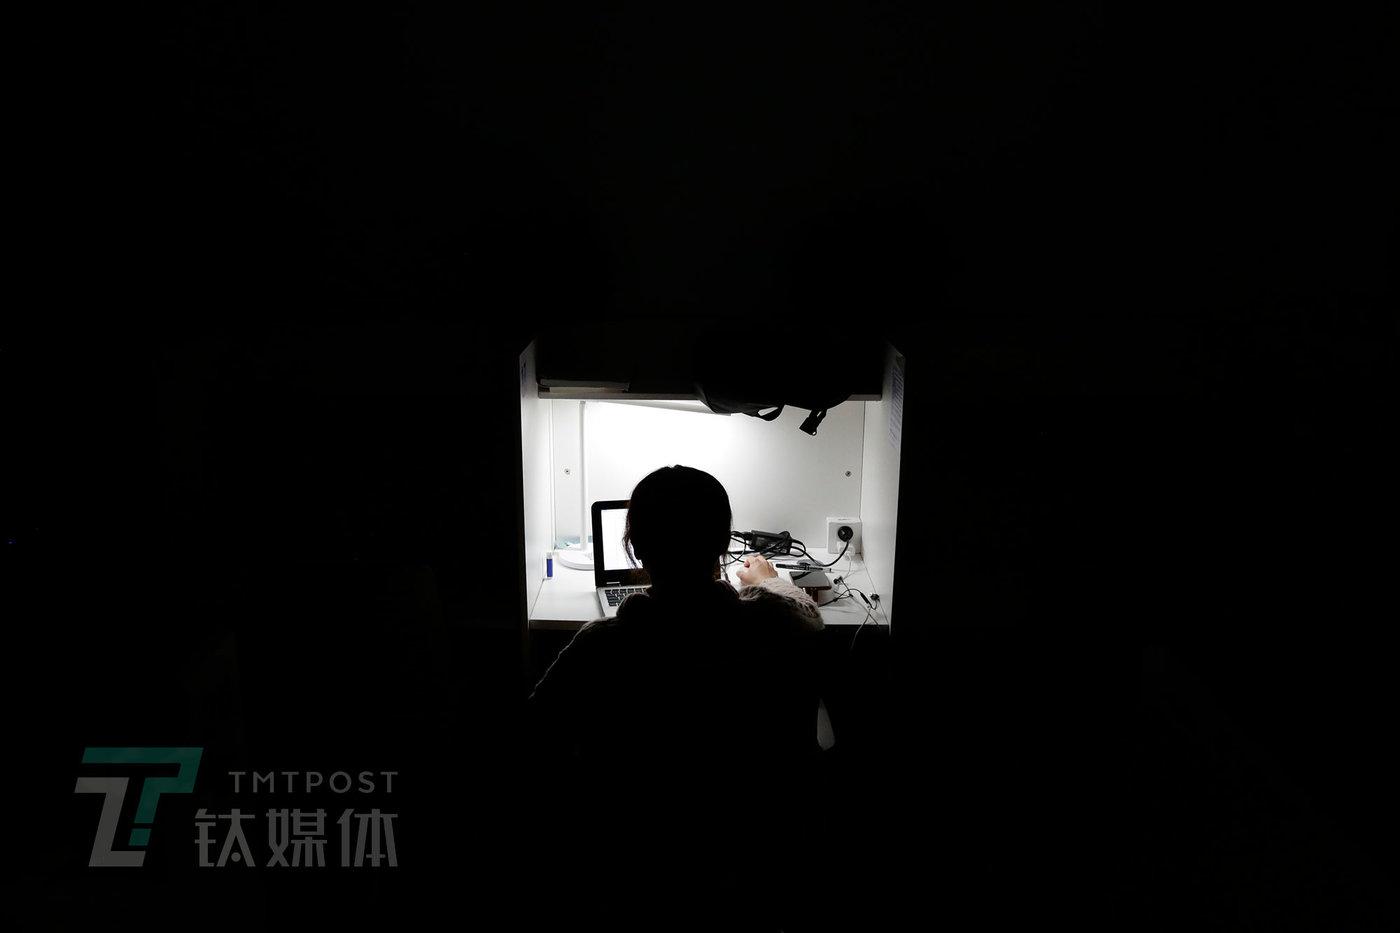 11月24日晚22点,时分自习室,一名顾客在上自习。